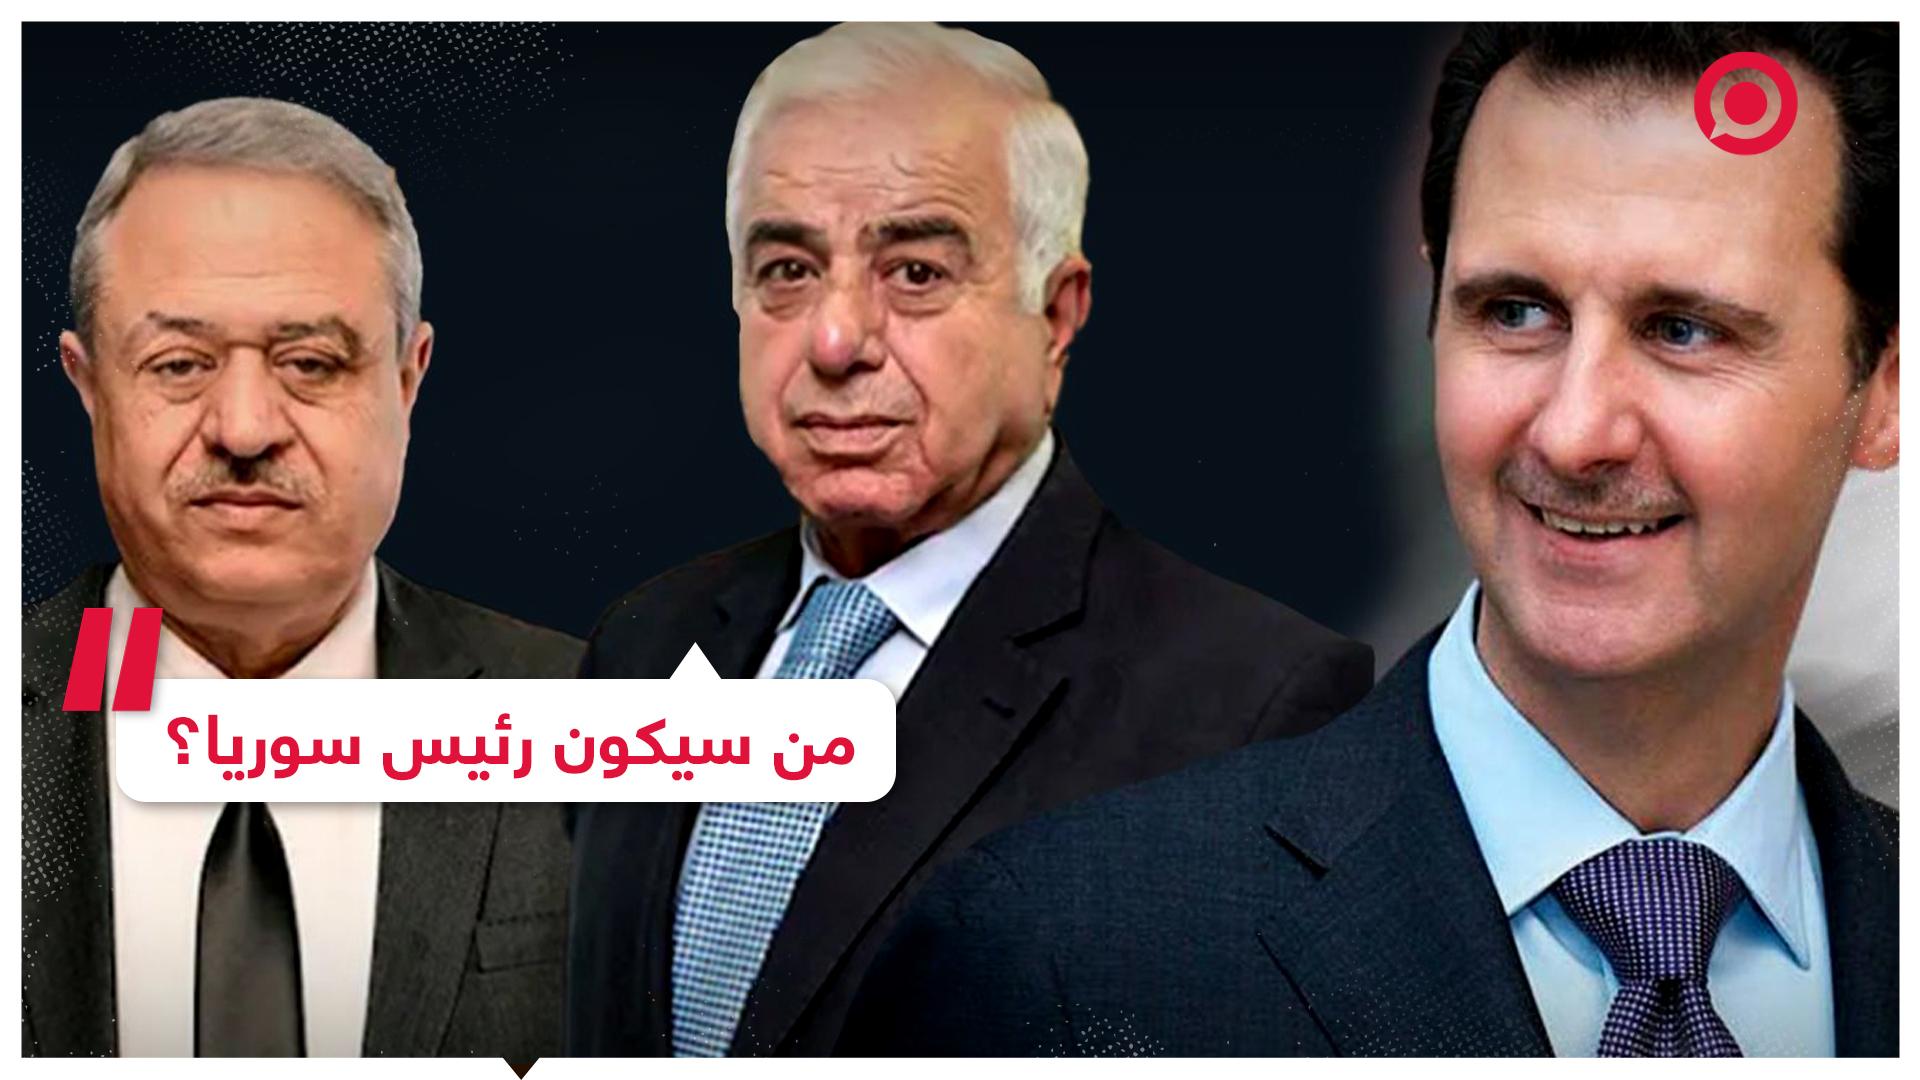 من سيكون الرئيس السوري المقبل؟